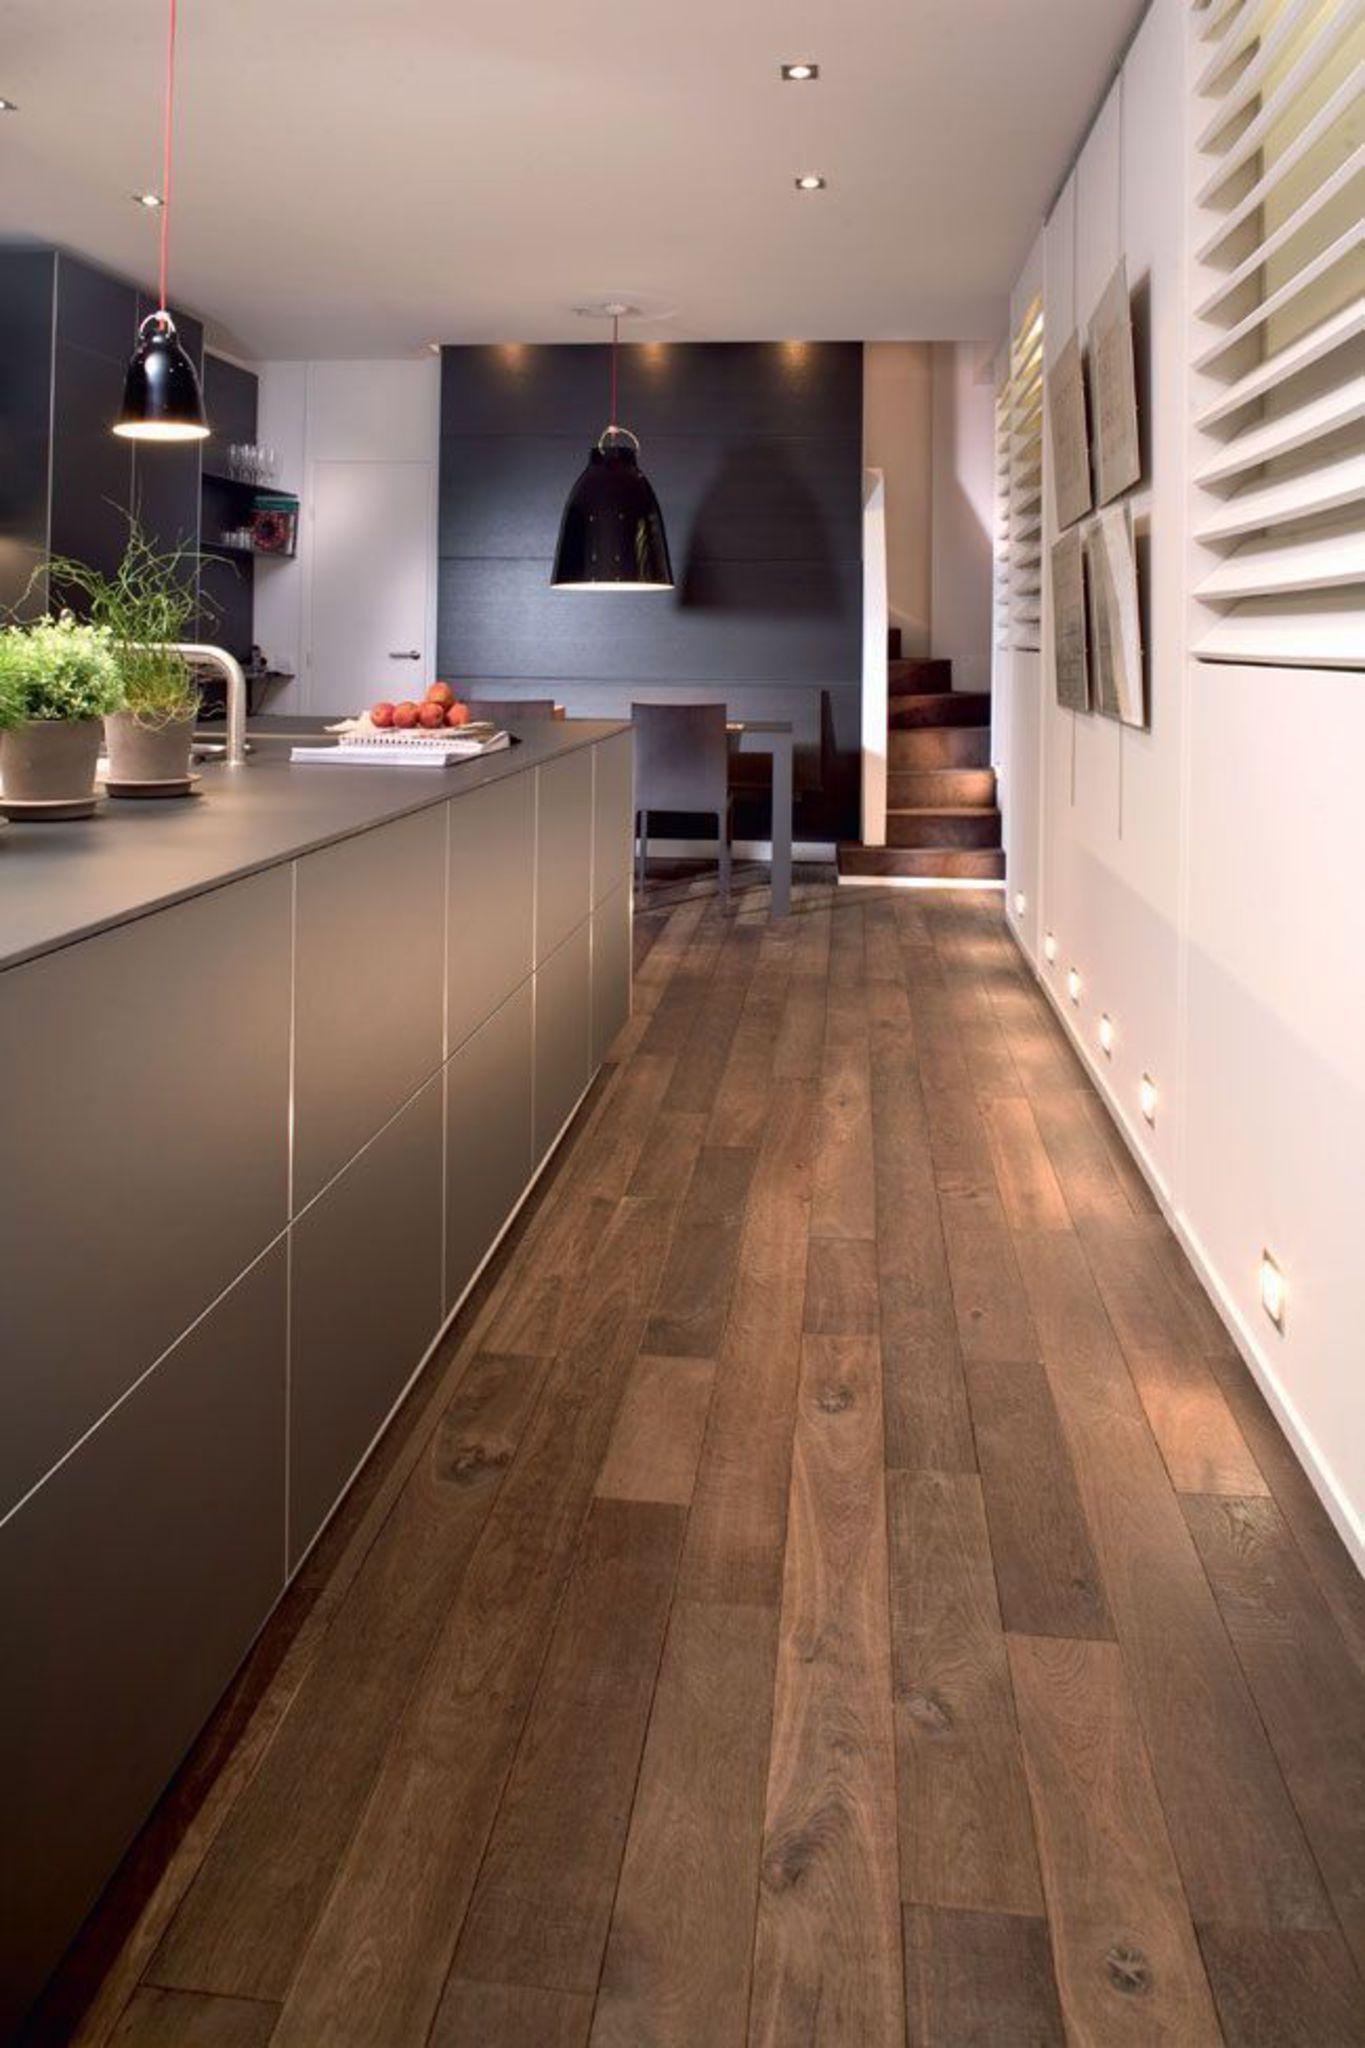 La Maison Du Parquet du parquet dans la cuisine : 26 idées pour s'inspirer